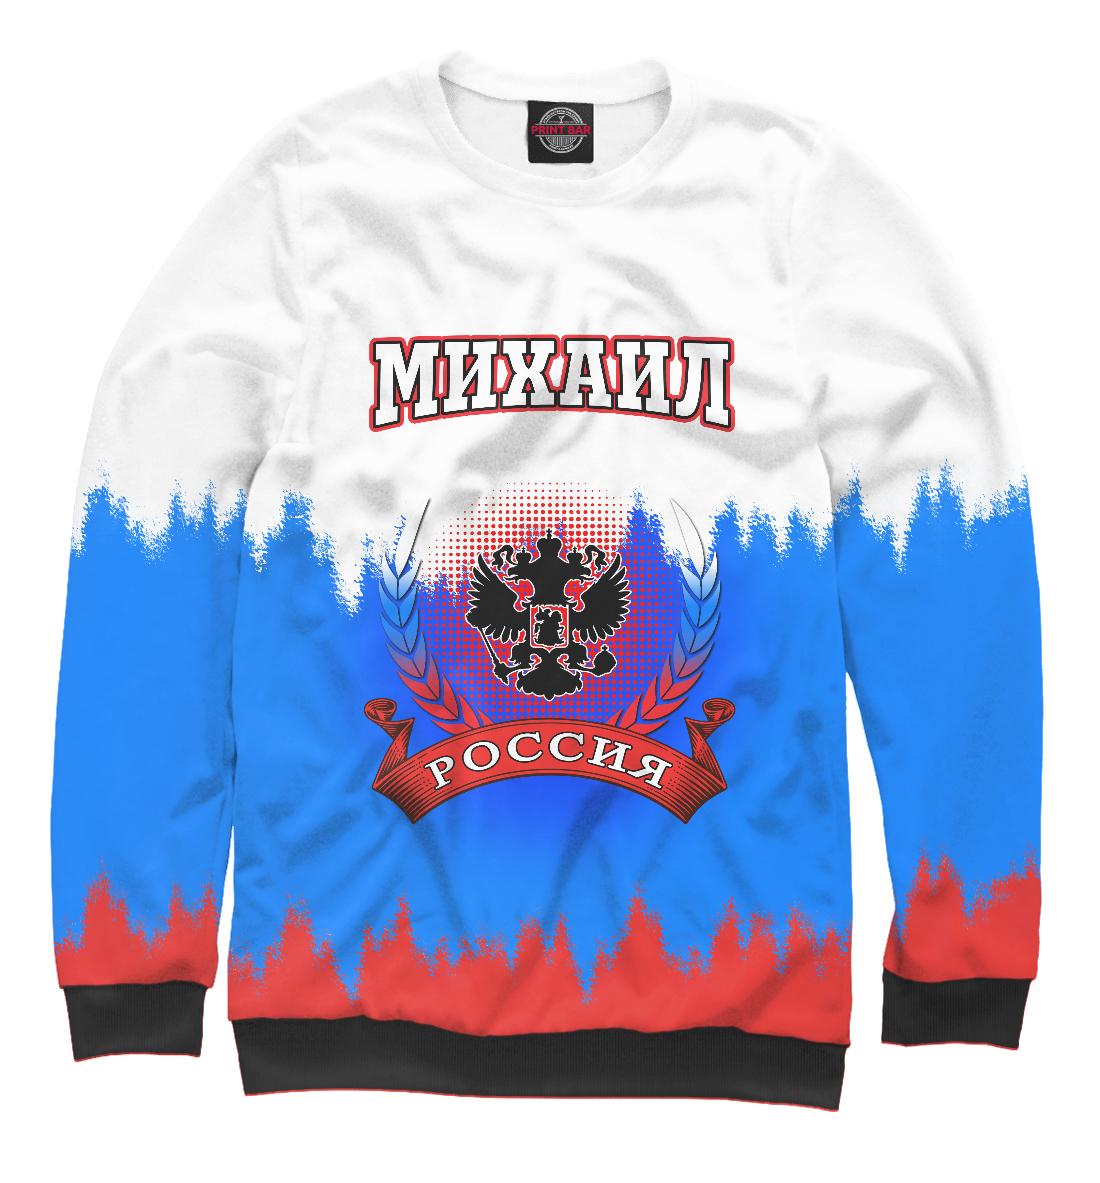 Купить Михаил, Printbar, Свитшоты, MCH-262091-swi-1